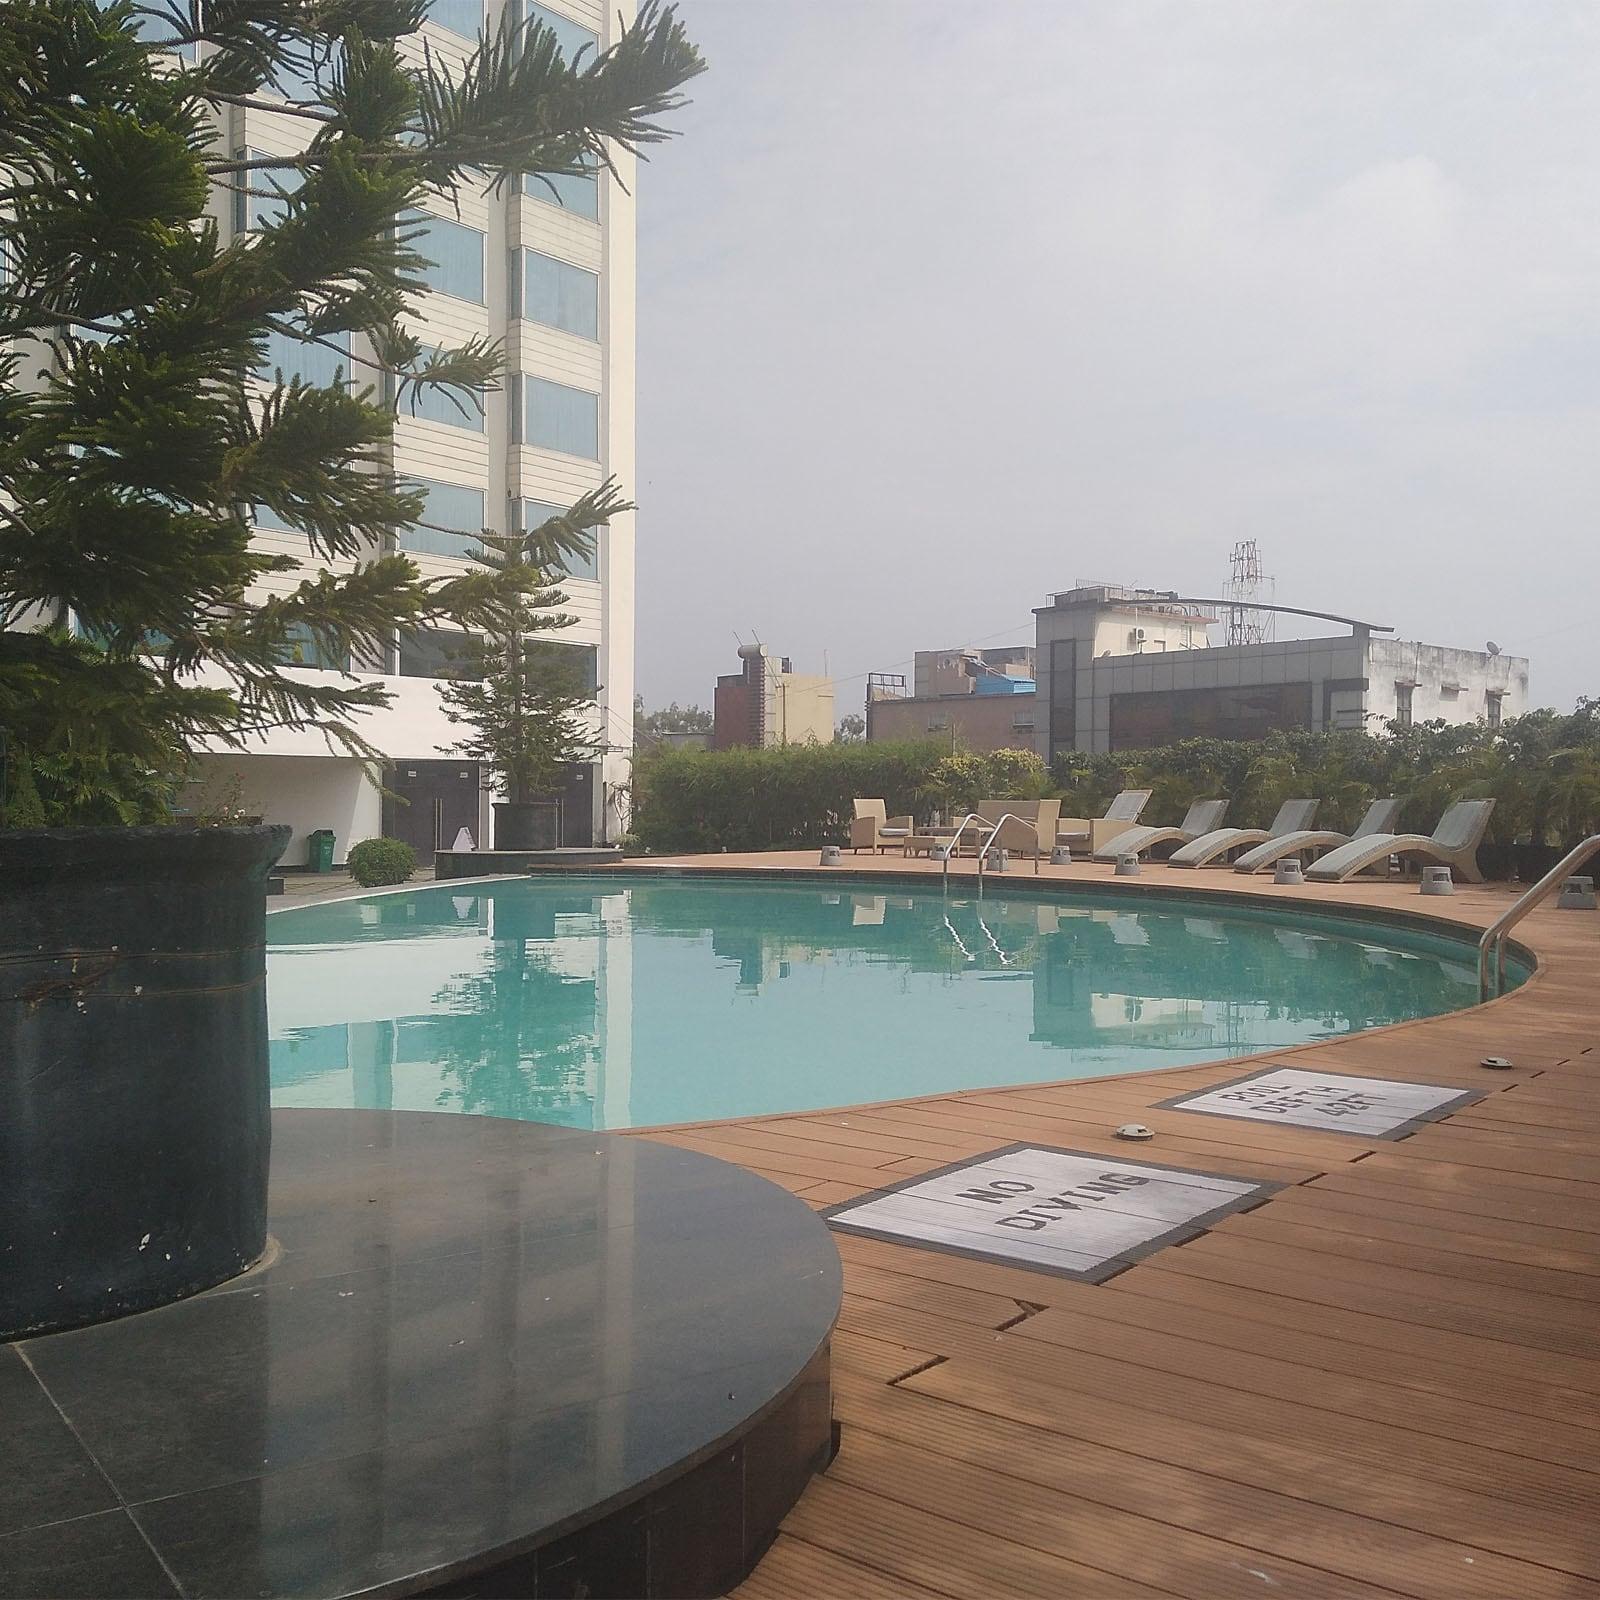 होटल के आधुनिक जिम में ट्रेडमिल समेत तमाम अत्याधुनिक मशीनें टीम इंडिया के खिलाड़ियों का इंतजार कर रही हैं.